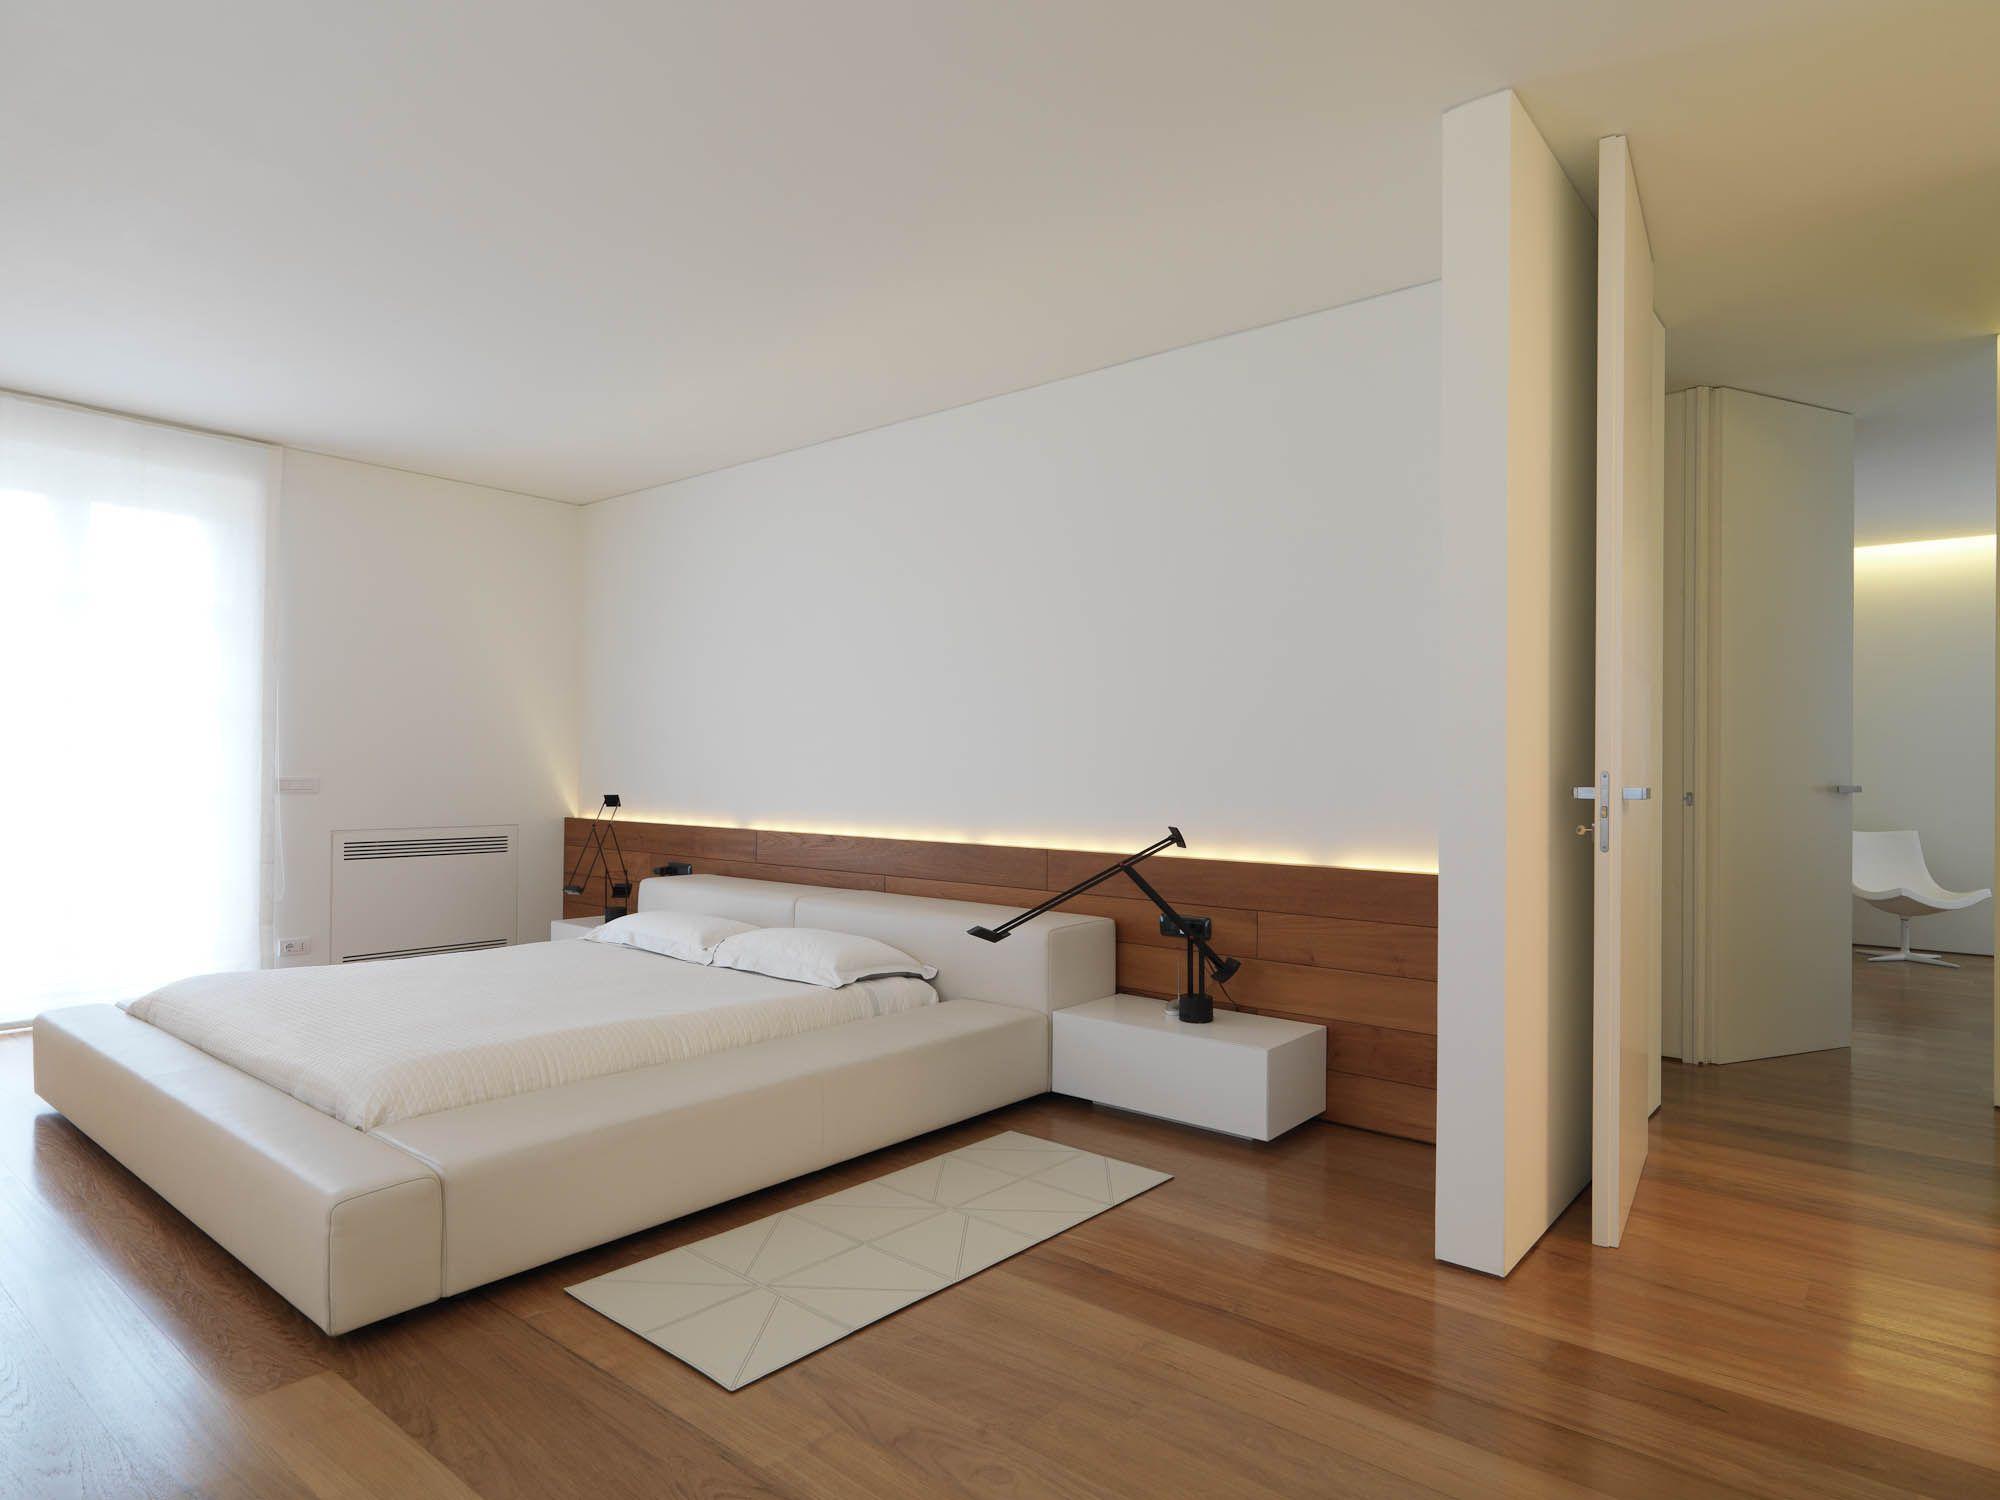 Illuminazione camera da letto u guida idee per un ambiente